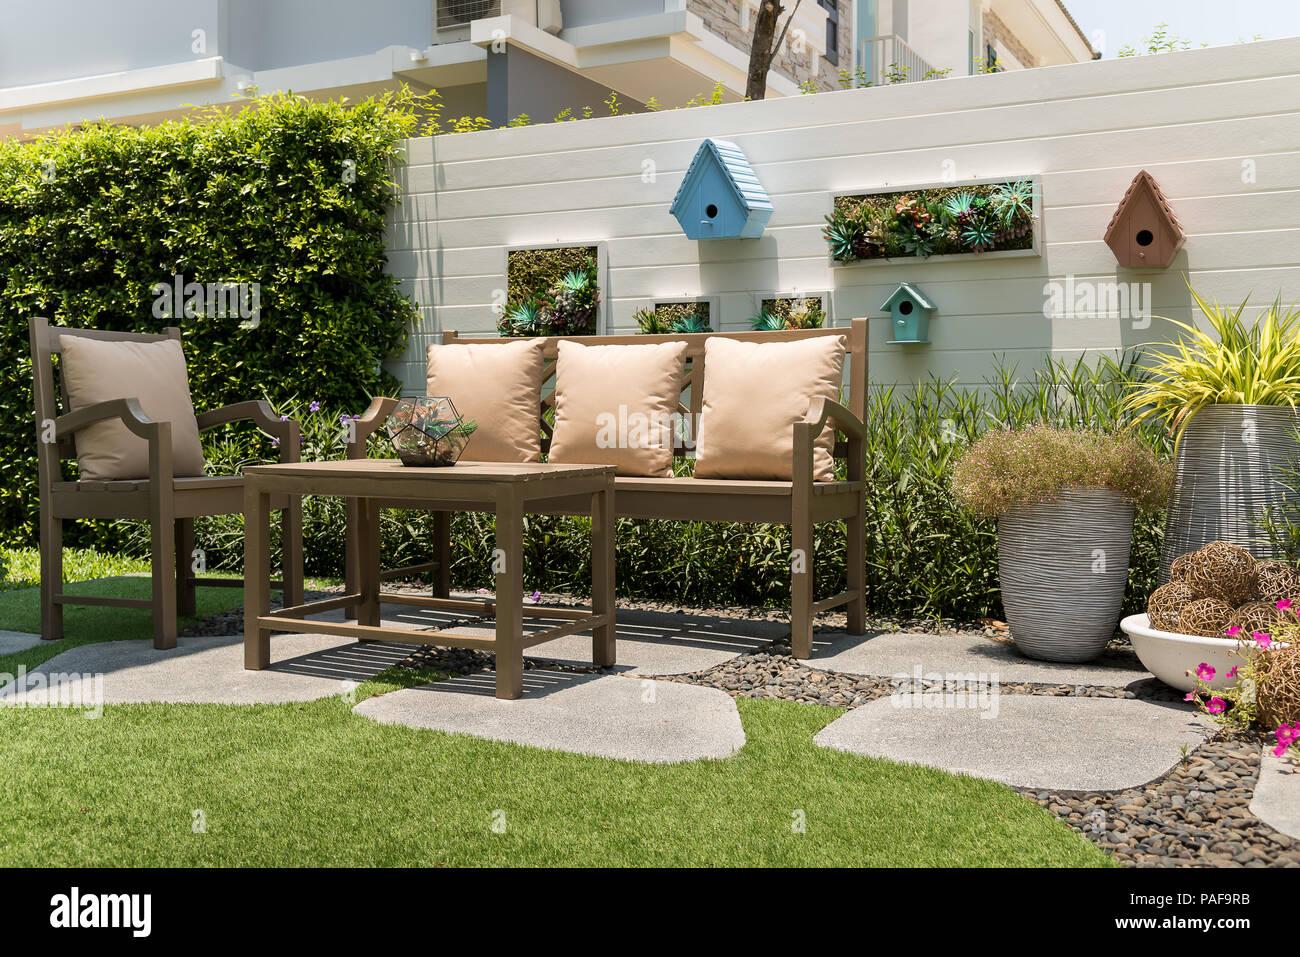 Eine Relax Ecke Mit Braunem Holz Tisch Und Stühle Mit Kissen In Den